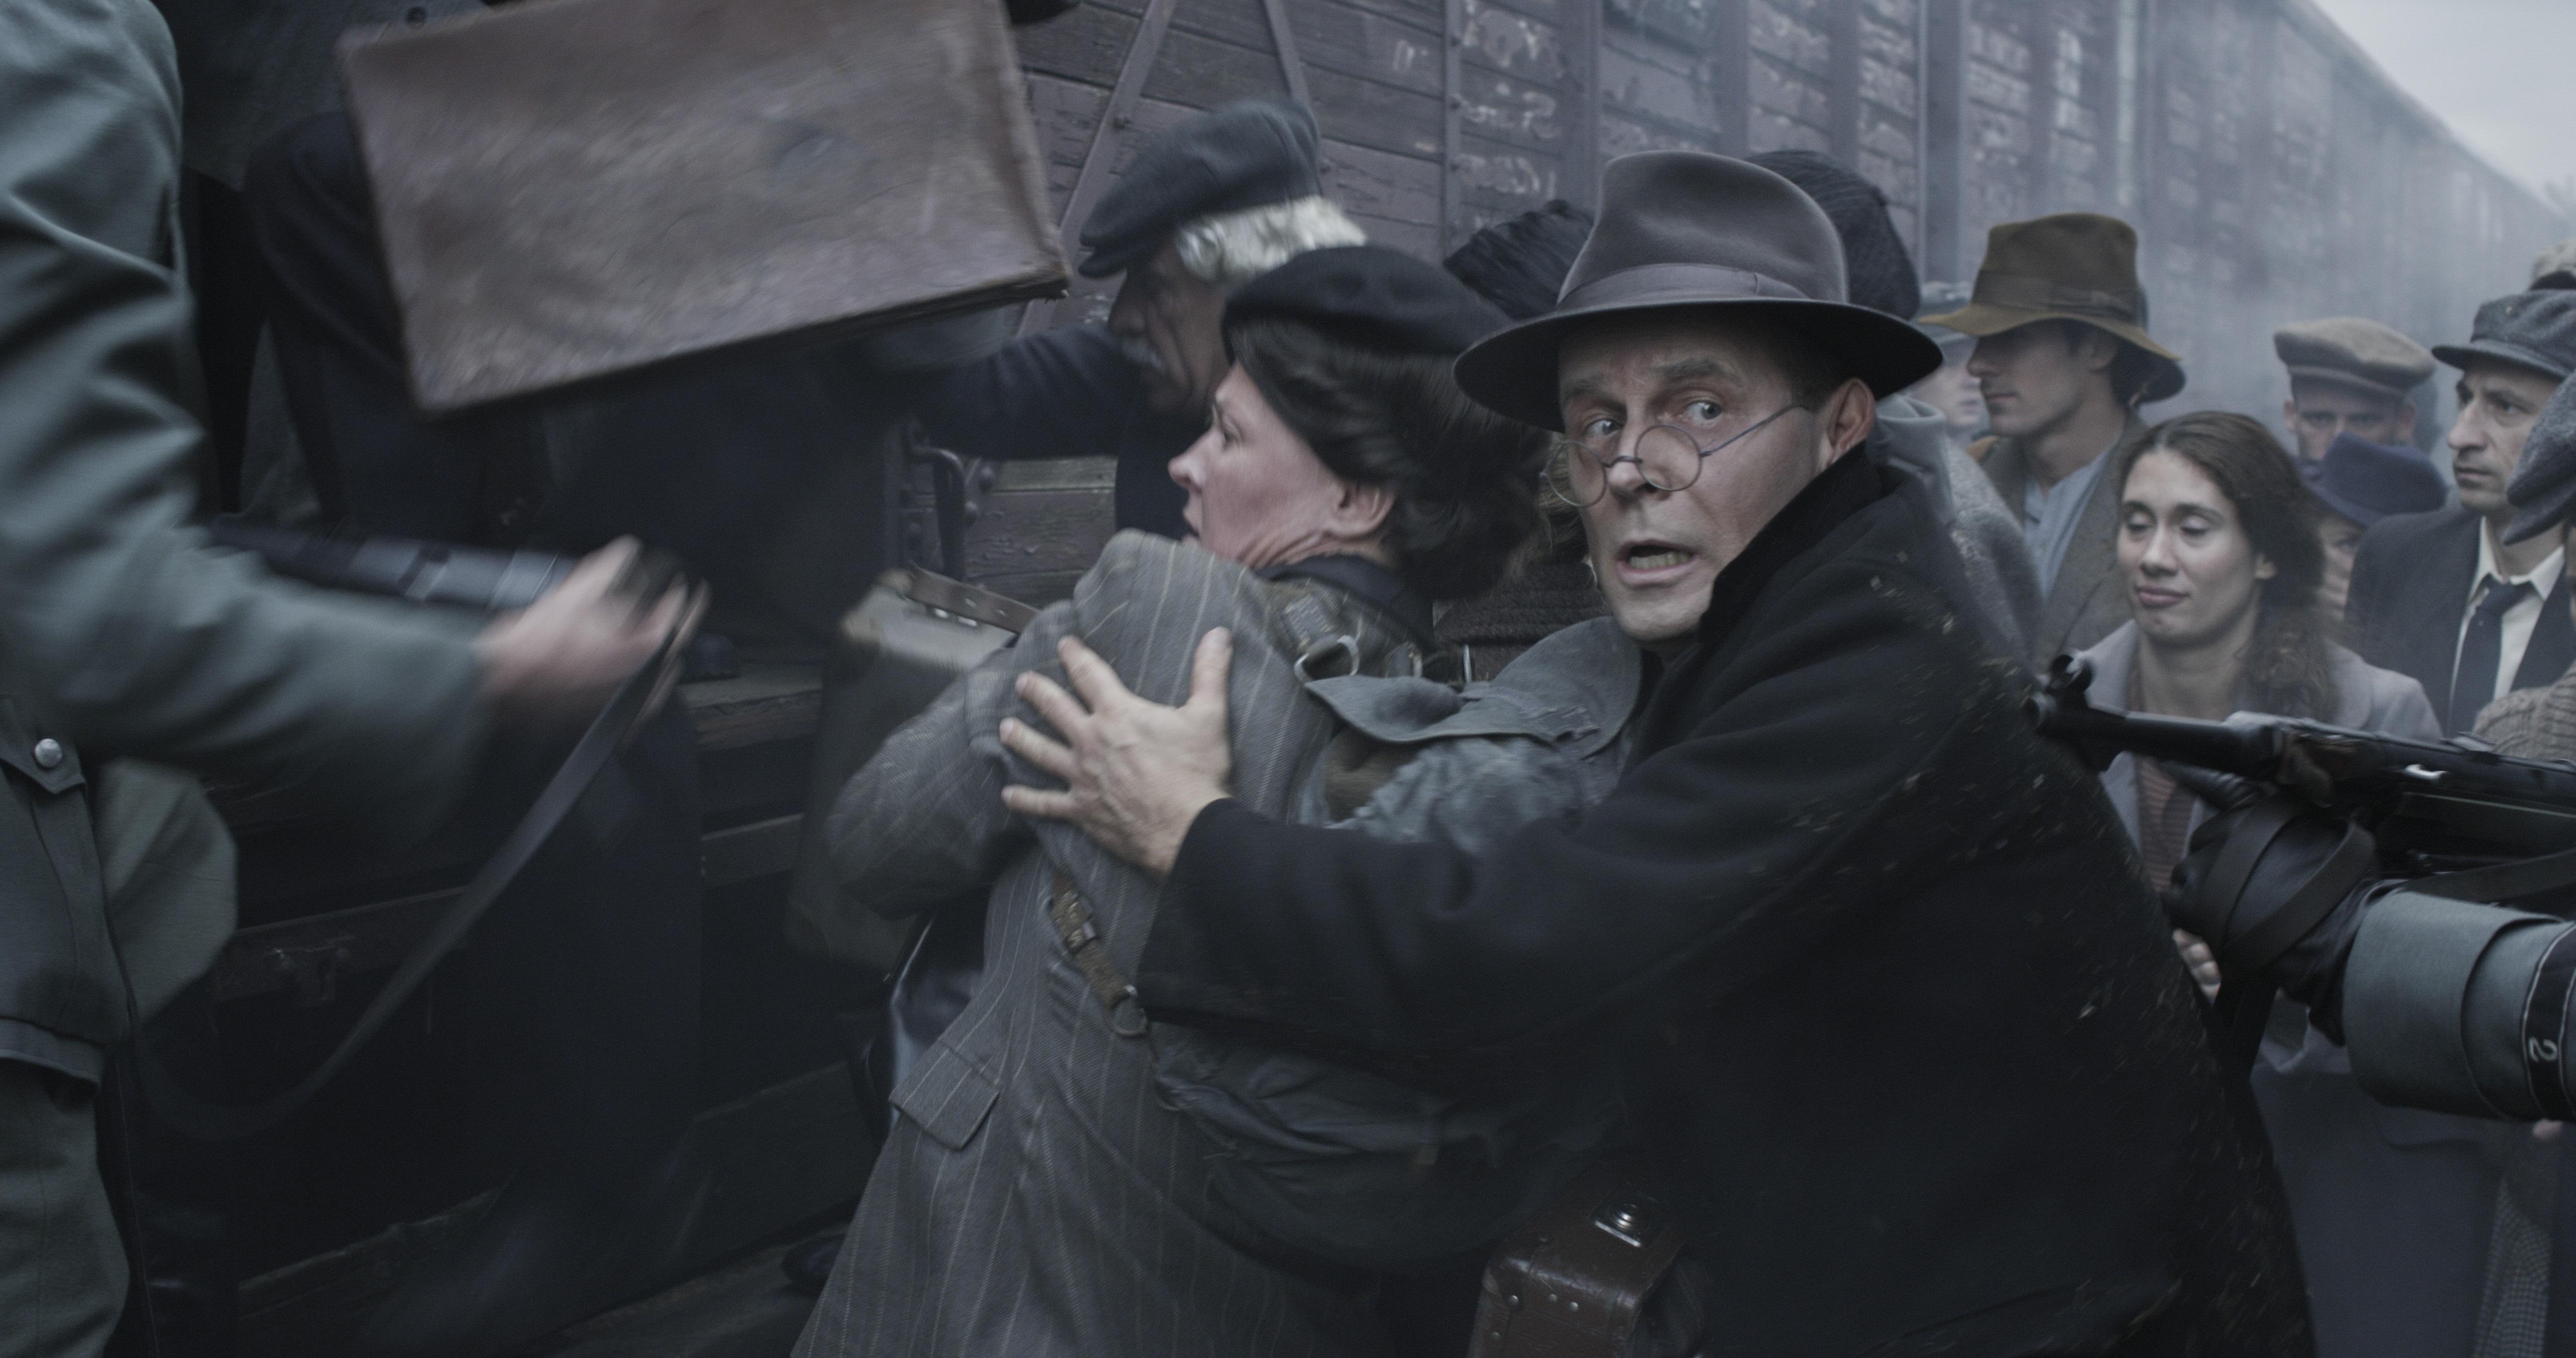 Nový slovenský film V tichu, uvedie vo svetovej premiére festival v Karlových Varoch